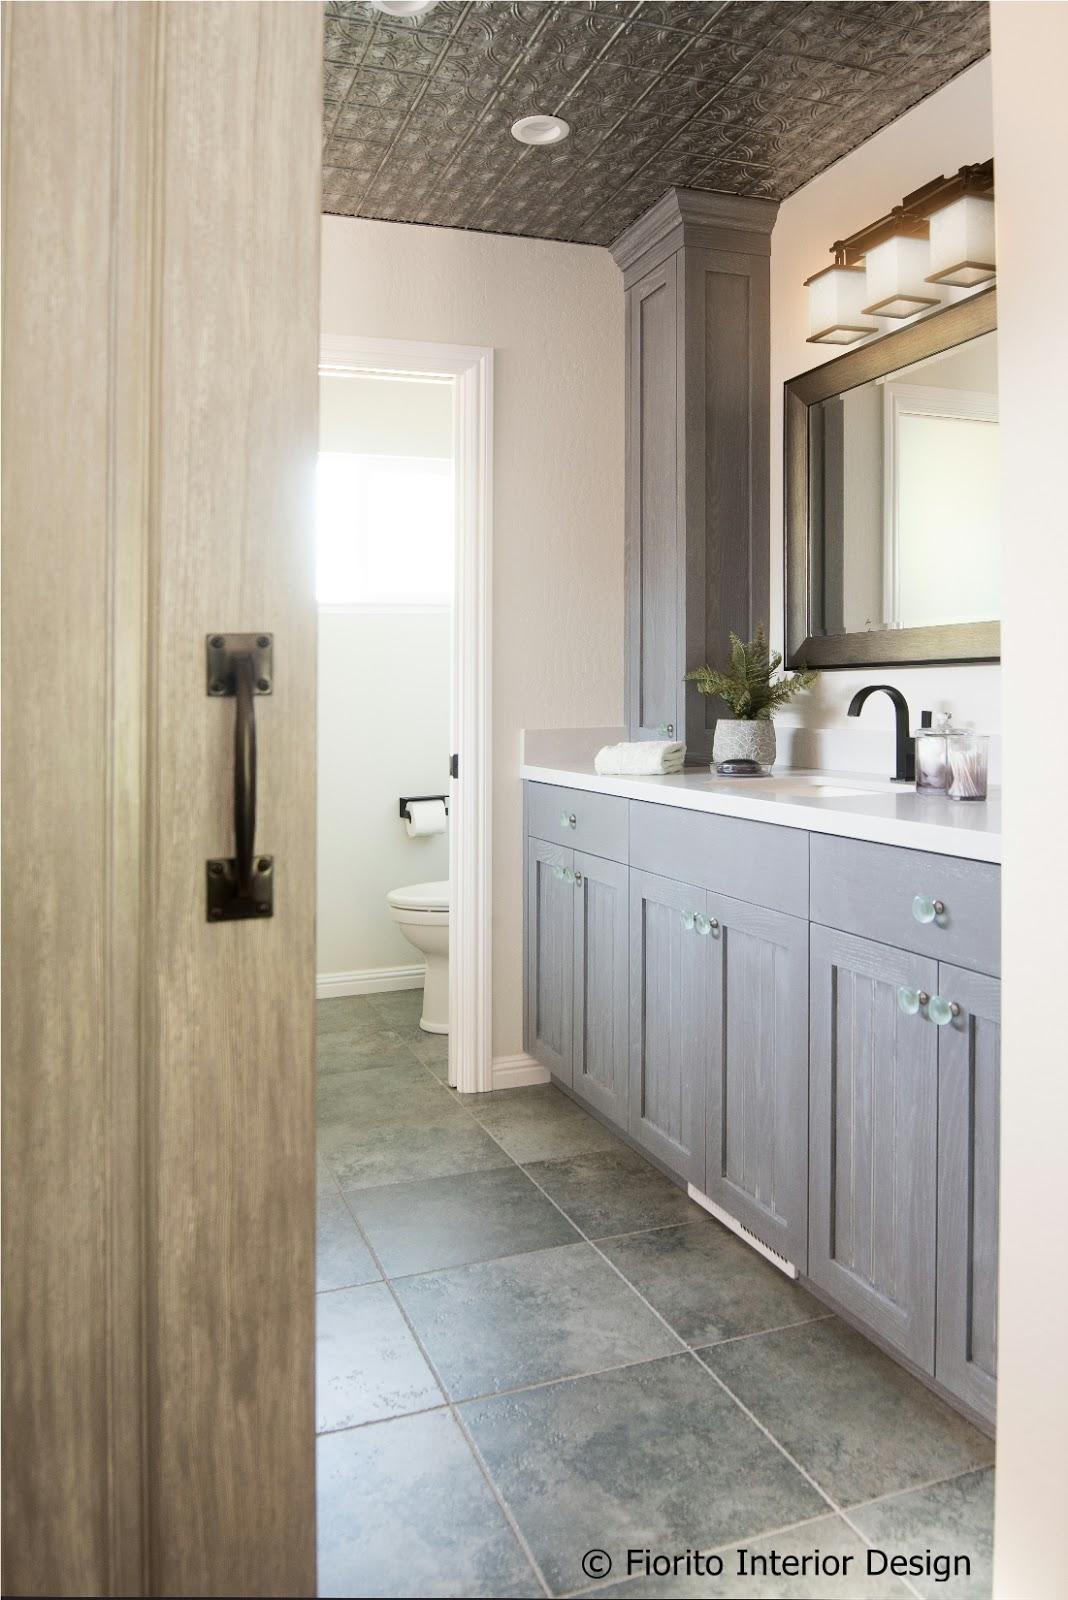 Fiorito Interior Design: Rustic, Modern Master Bathroom by Fiorito ...